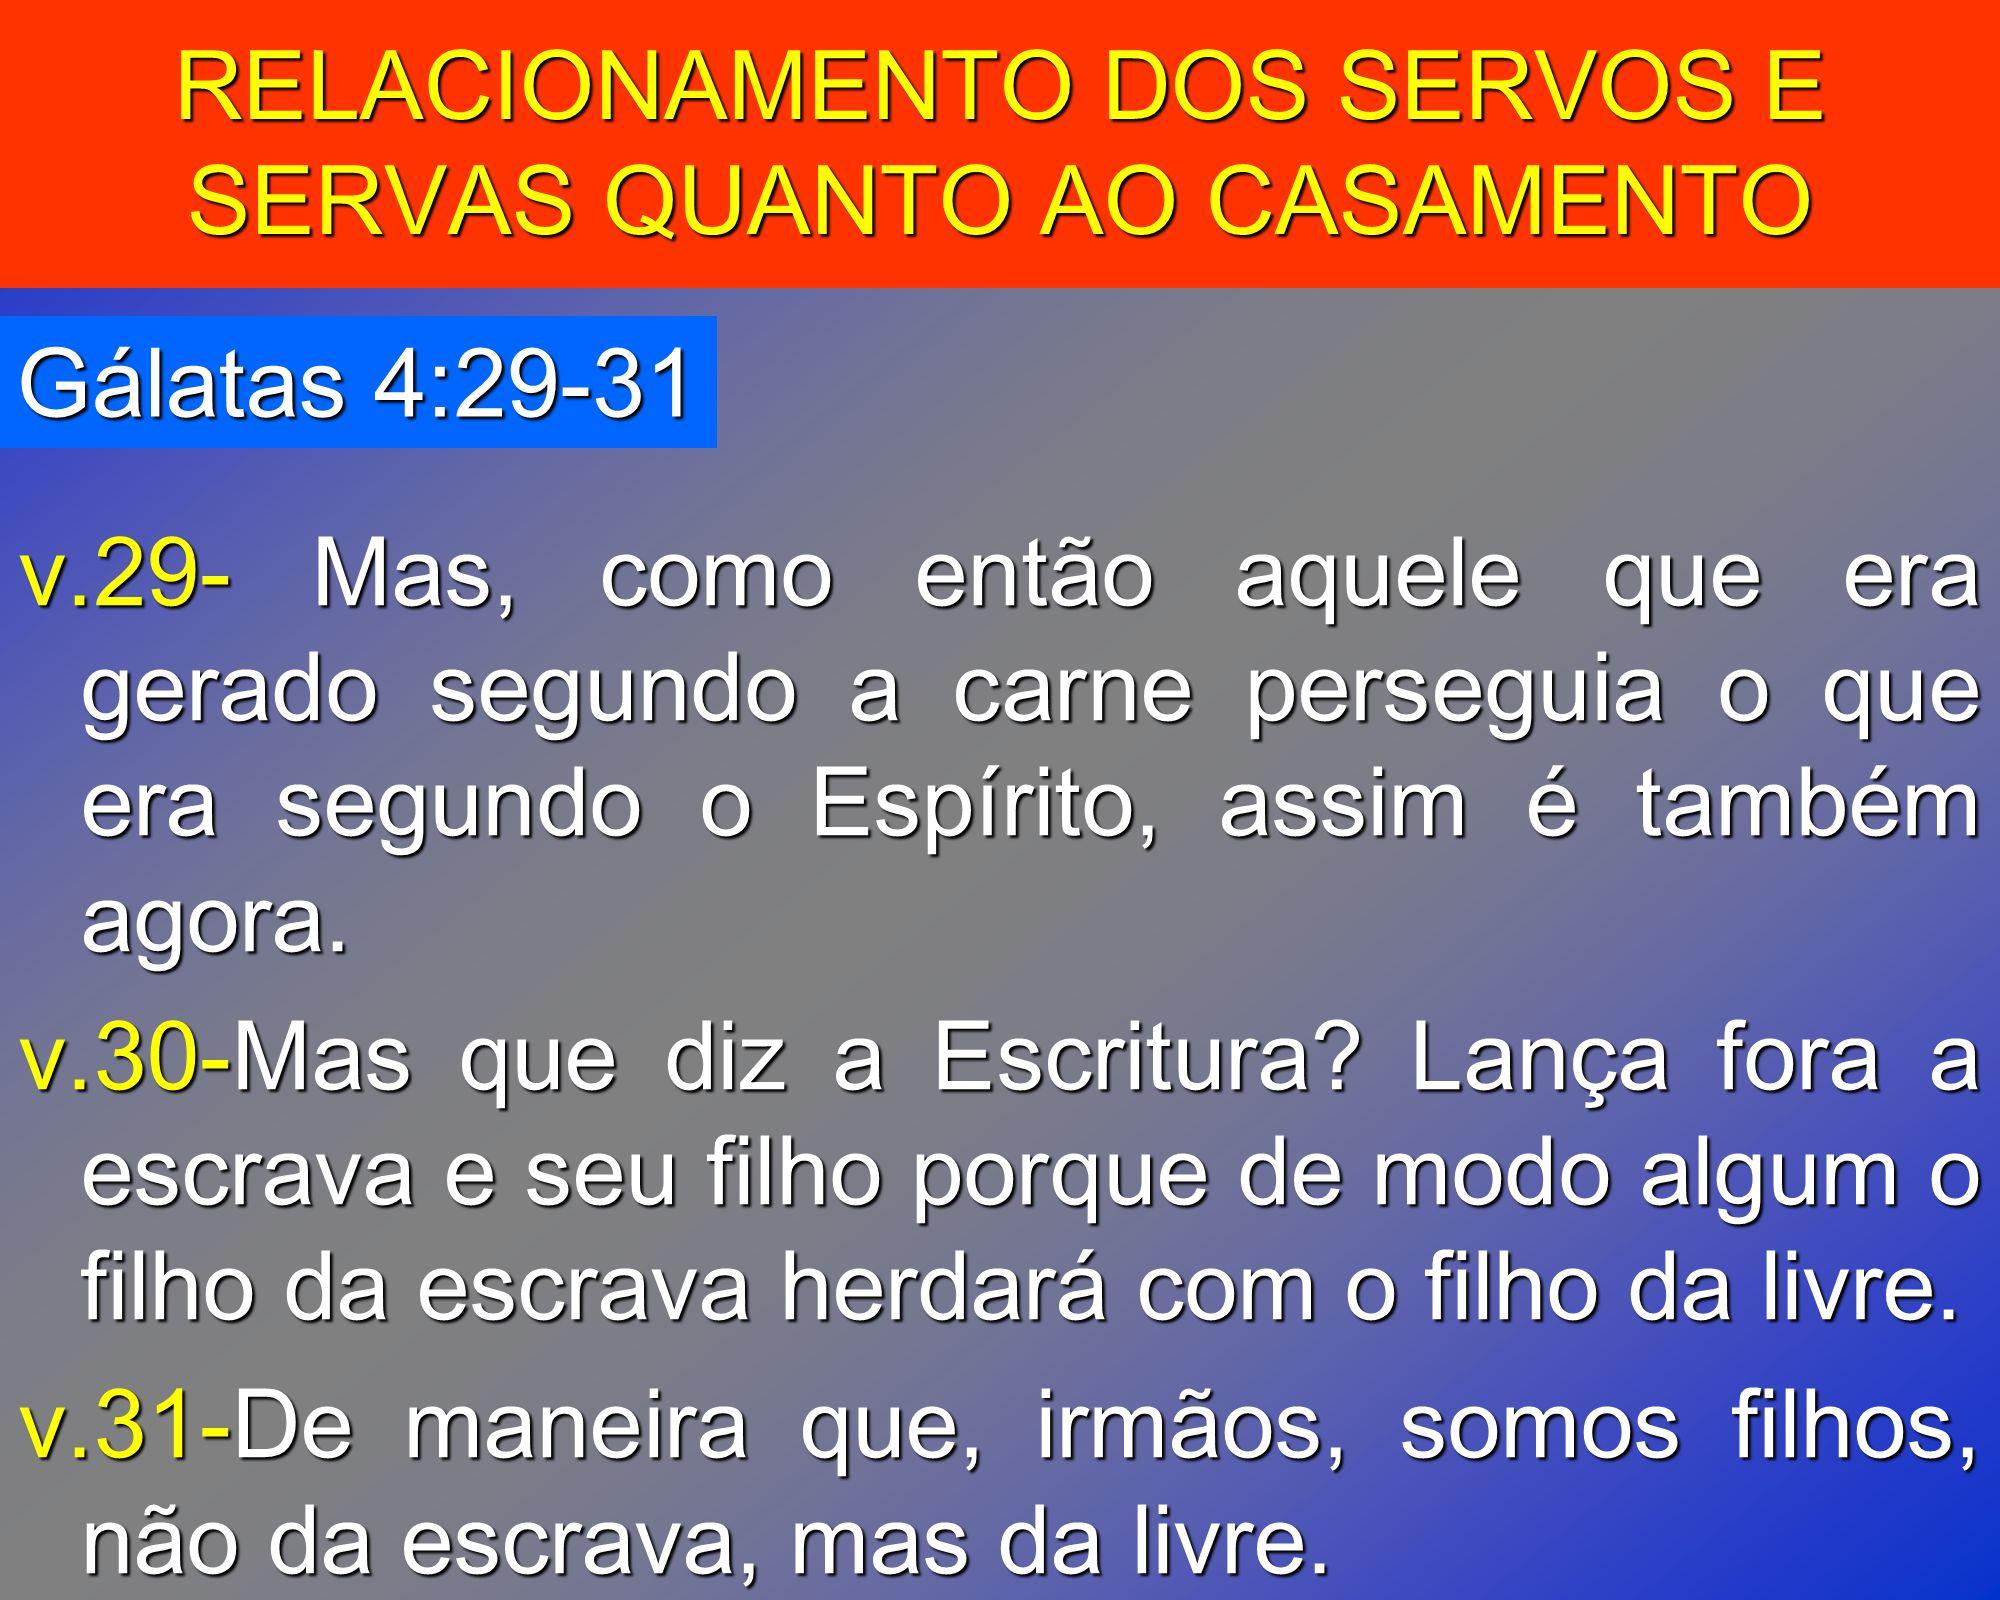 RELACIONAMENTO DOS SERVOS E SERVAS QUANTO AO CASAMENTO Gálatas 4:29-31 v.29- Mas, como então aquele que era gerado segundo a carne perseguia o que era